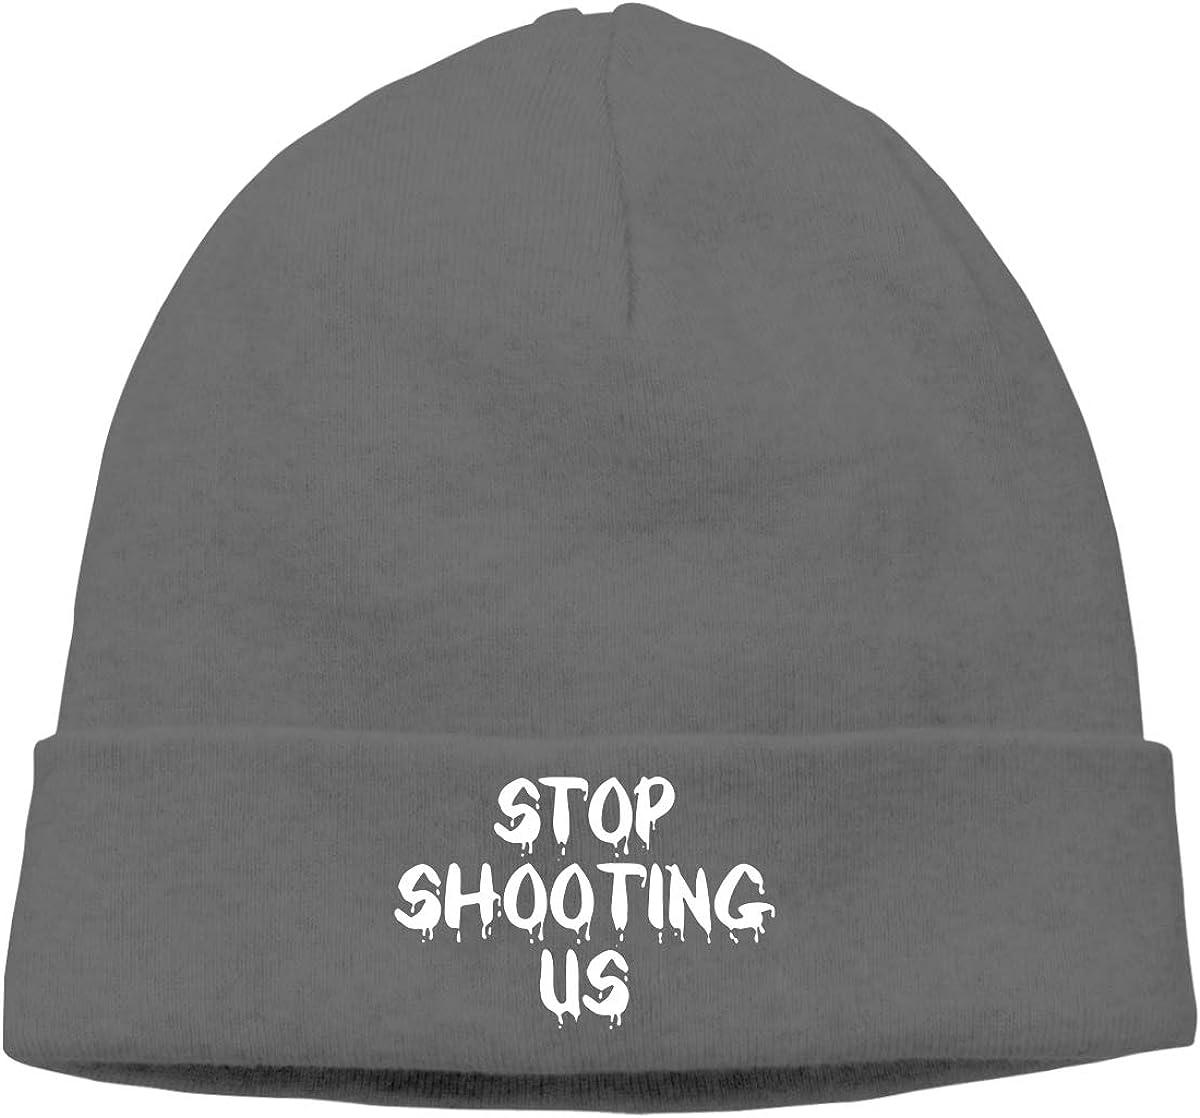 09/&JGJG Stop Shooting Us Unisex Beanie Cap Outdoor Newsboy Hat